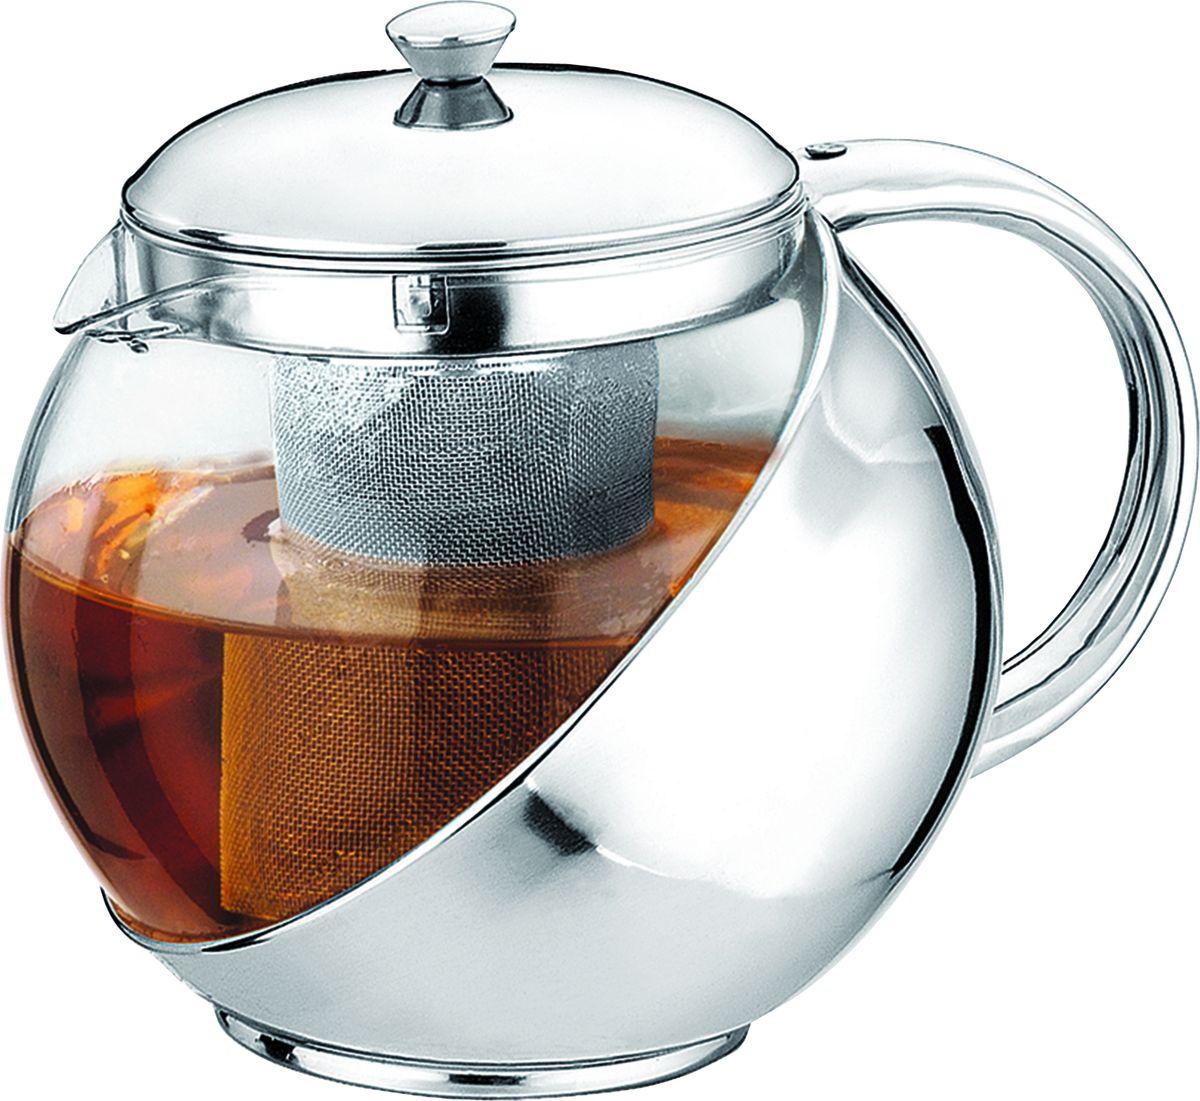 Чайник заварочный Irit, цвет: серебристый, 1,1 л чайник заварочный irit amp 100 2200 вт белый 1 7 л пластик